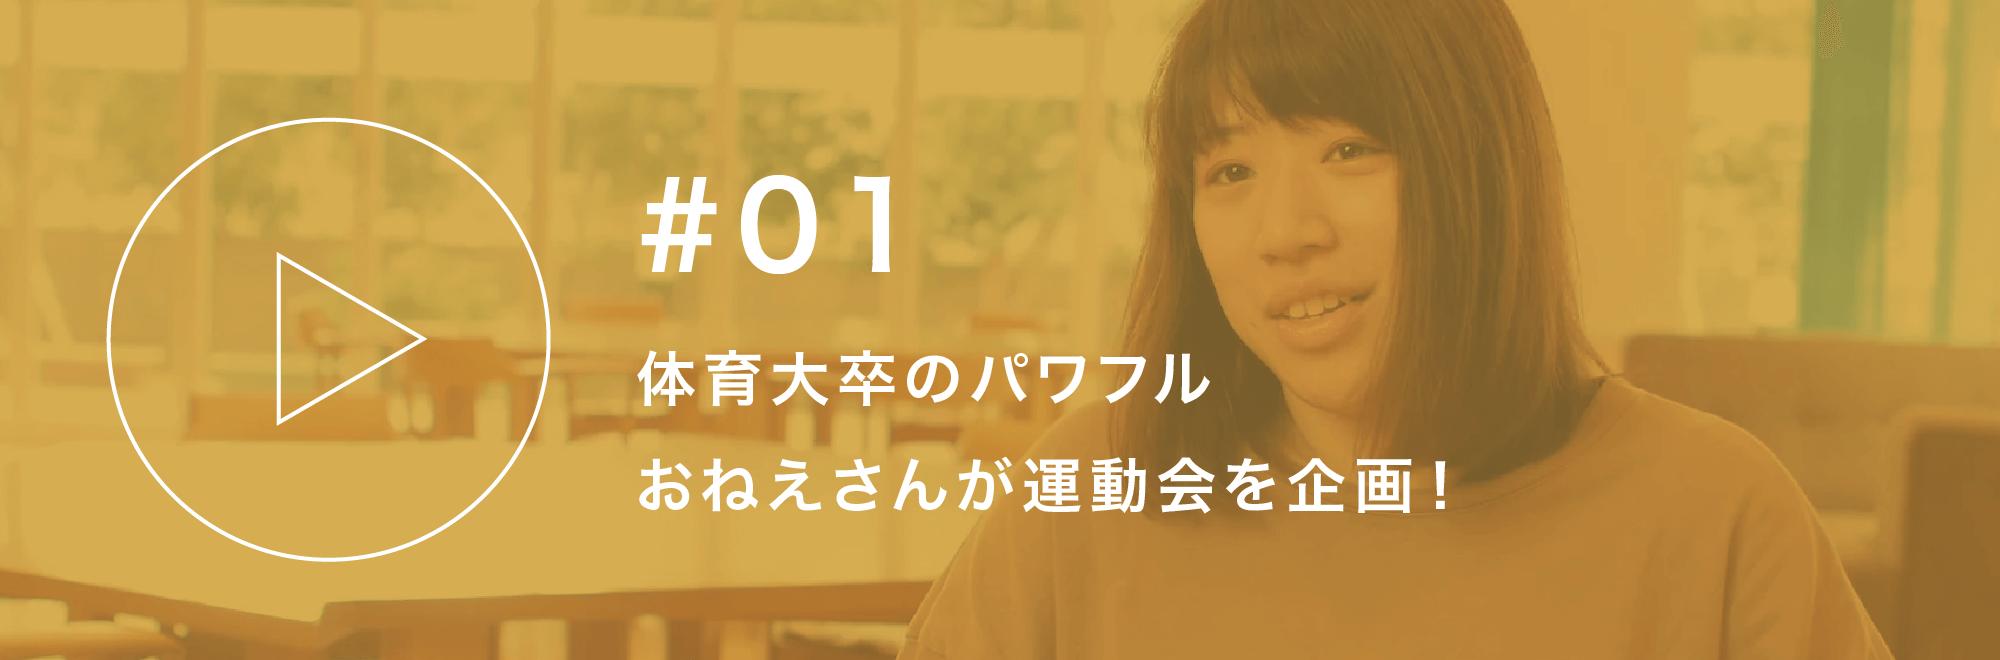 体育大卒のパワフルおねえさんが運動会を企画!